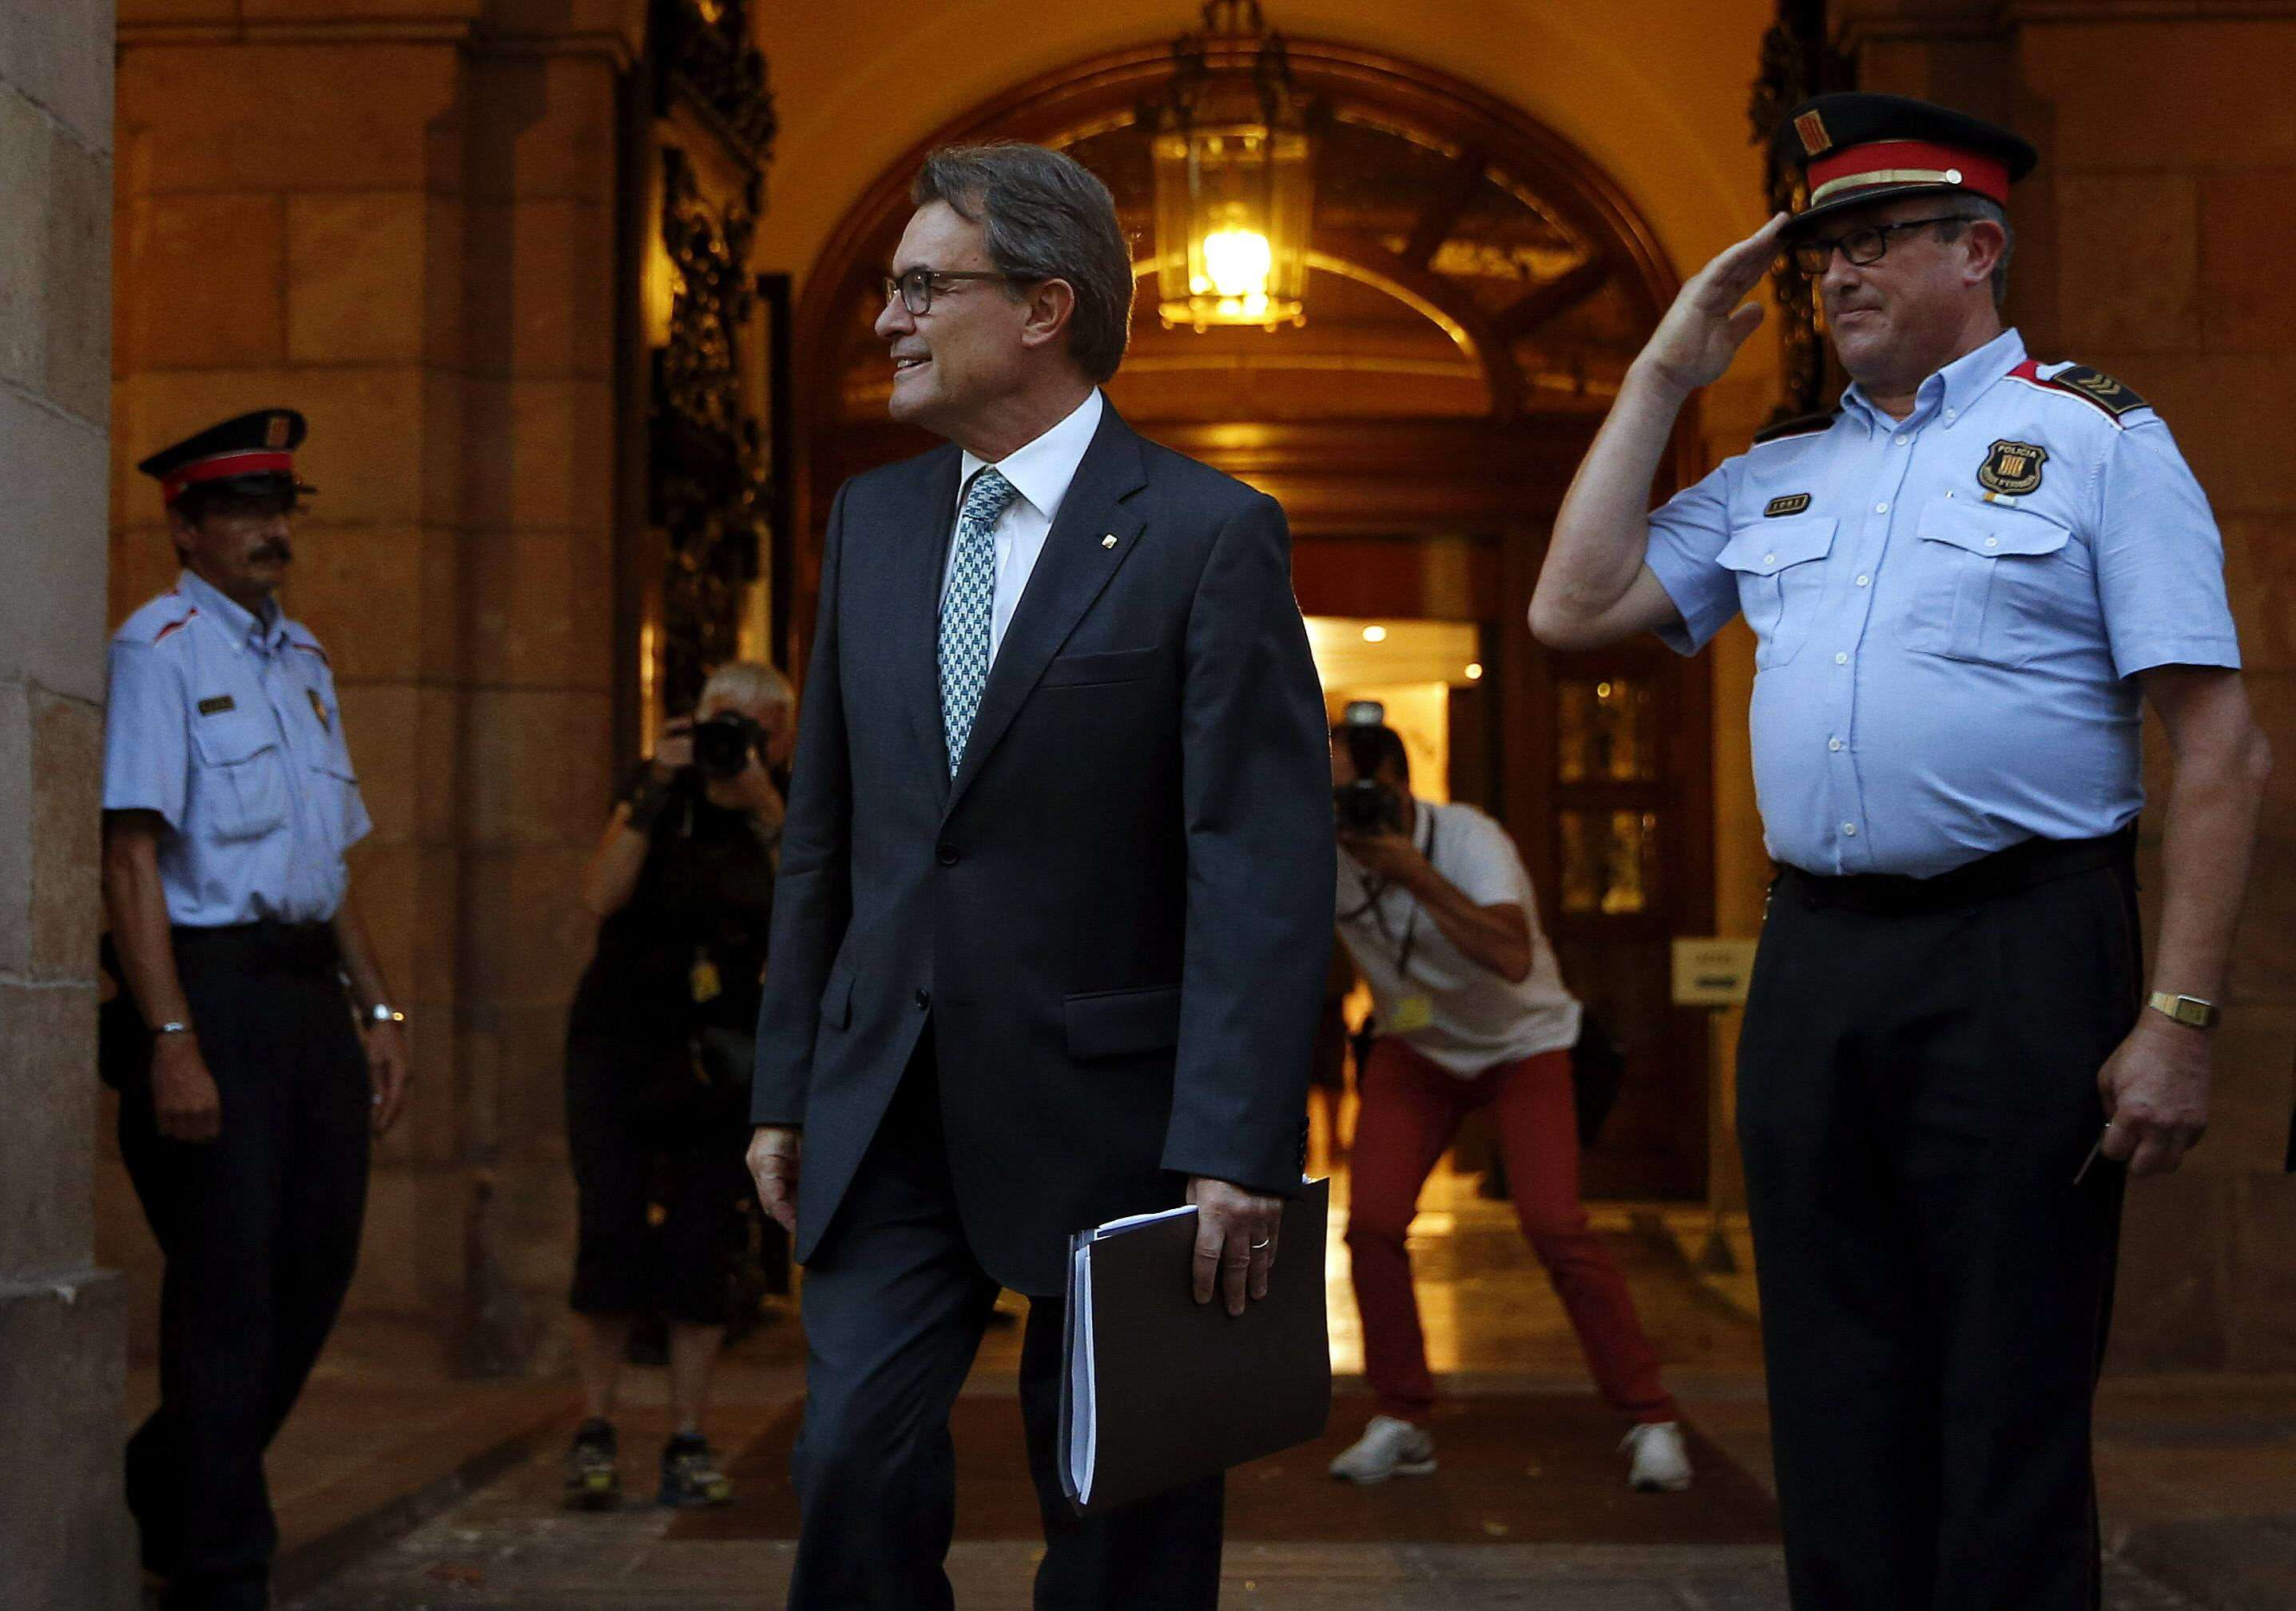 El presidente de la Generalitat, Artur Mas, abandona el Parlament de Cataluña después de la aprobación, en pleno extraordinario, de la Ley catalana de Consultas, el viernes 19 de septiembre de 2014. Foto: EFE